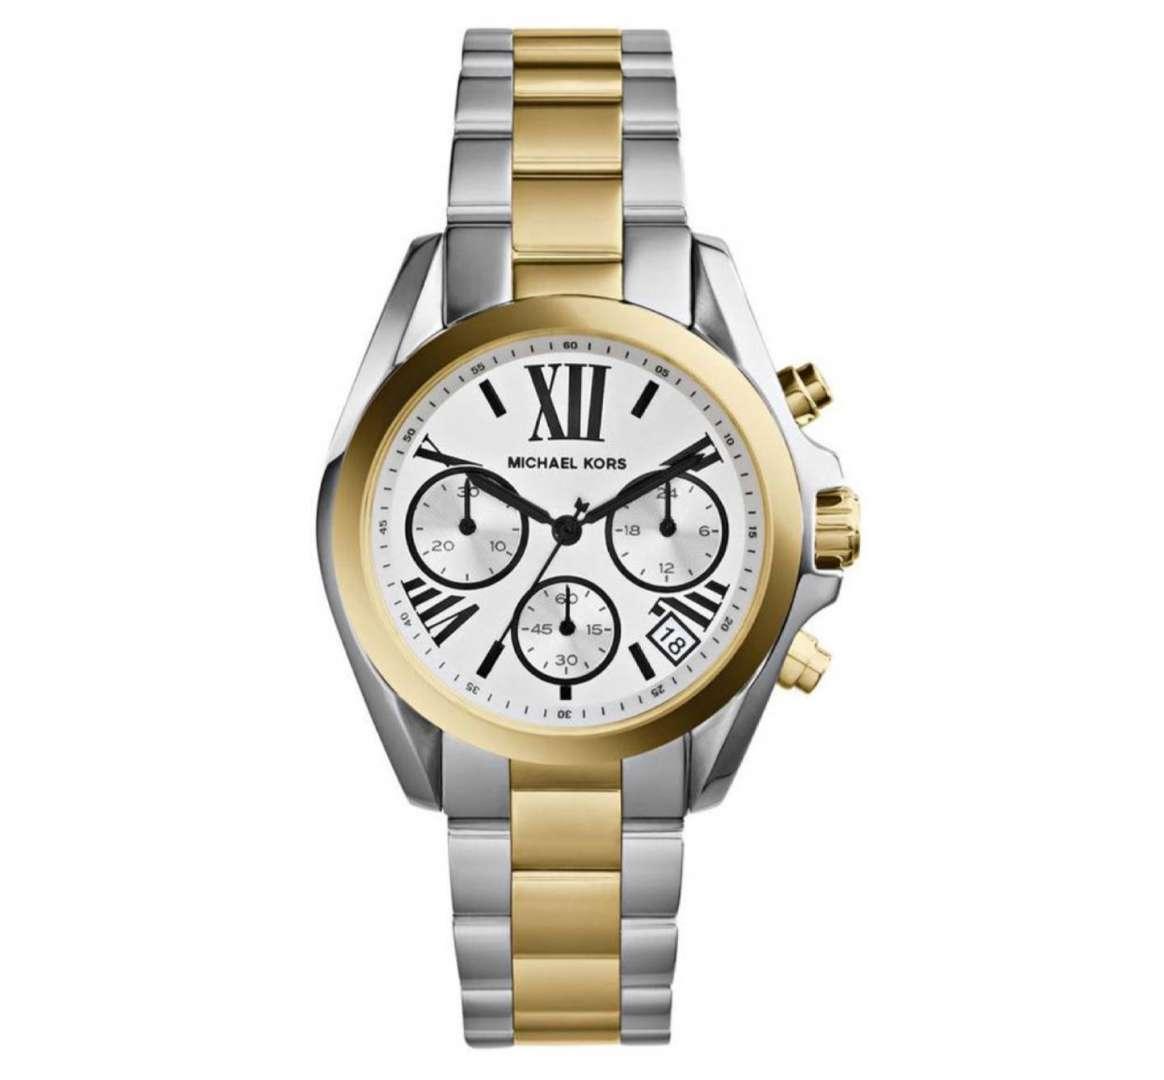 שעון יד אנלוגי לאישה michael kors mk5912 מייקל קורס